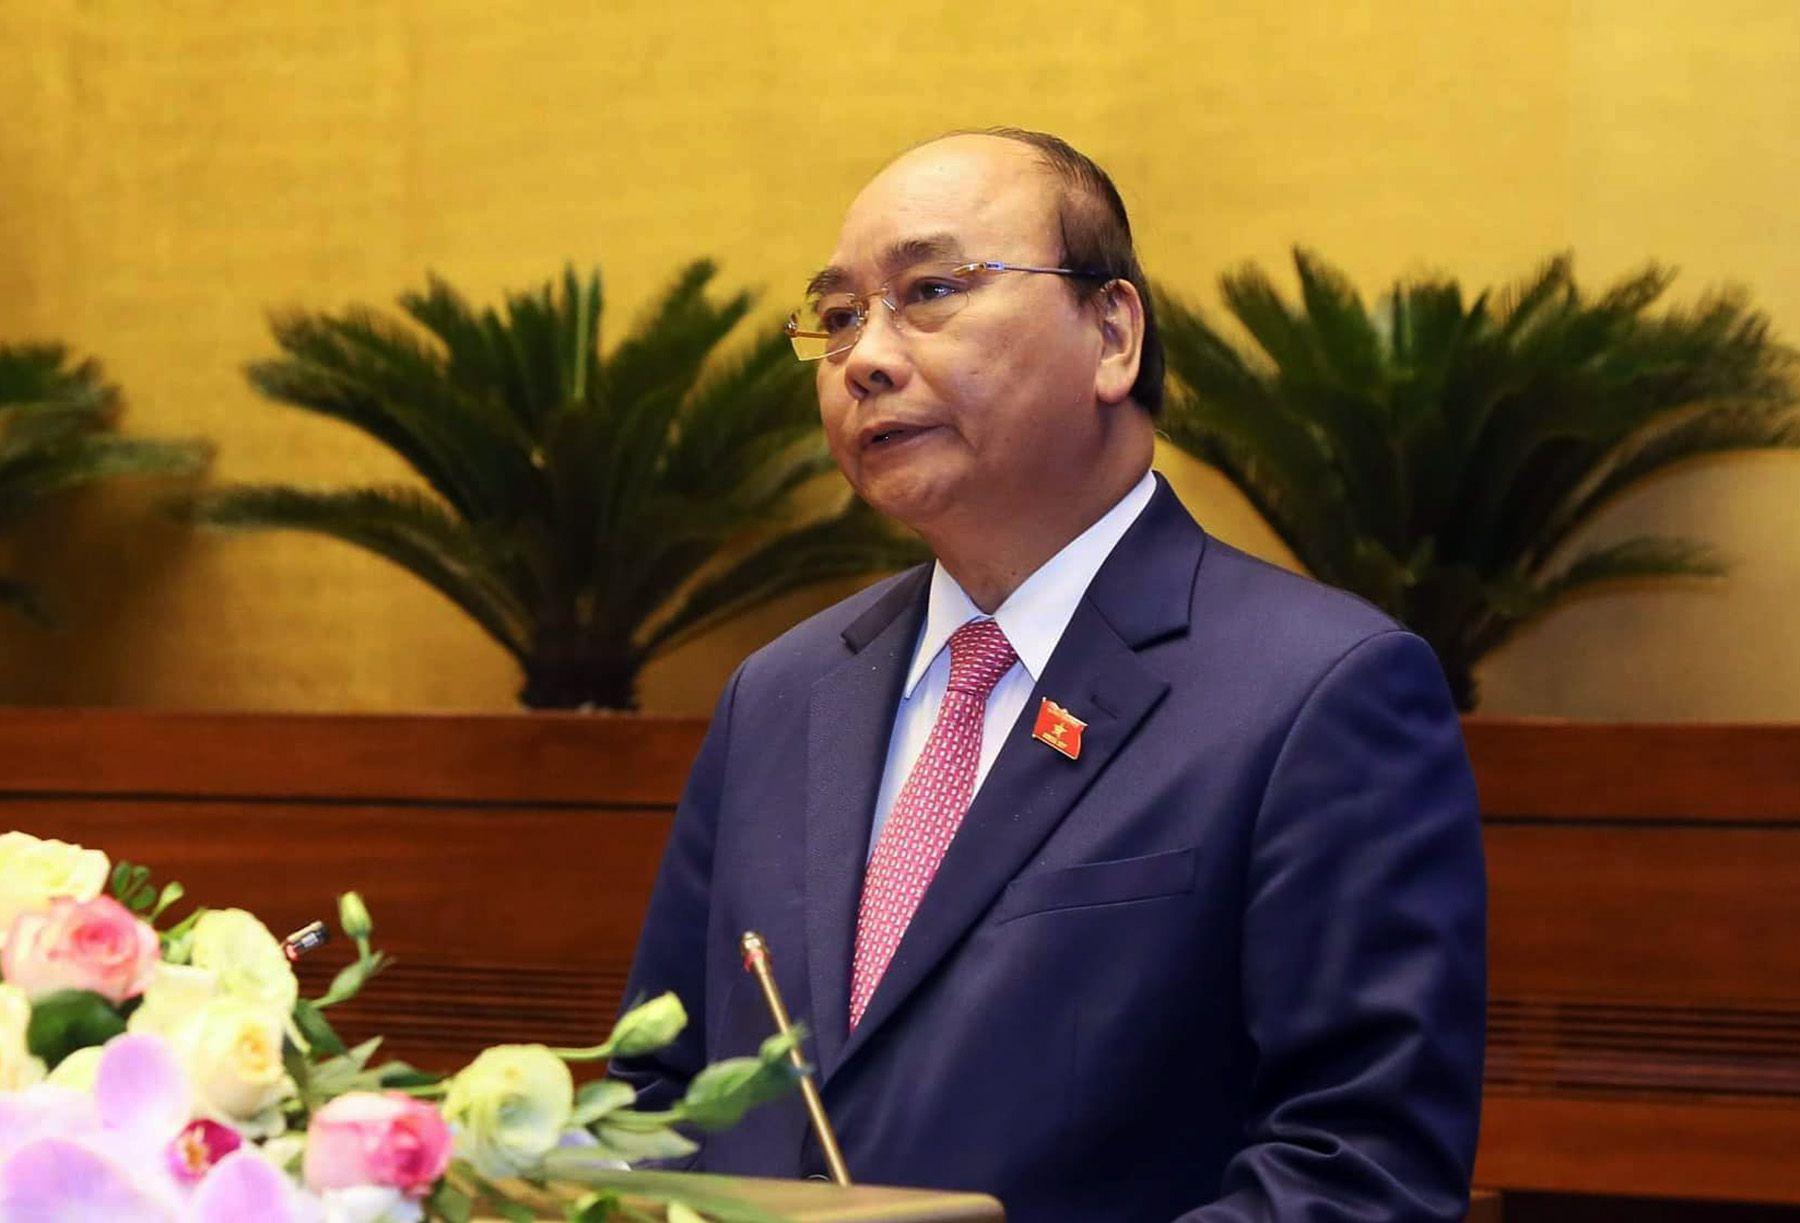 Chính phủ dồn nguồn lực cho dự án đường sắt đô thị, sân bay Long Thành